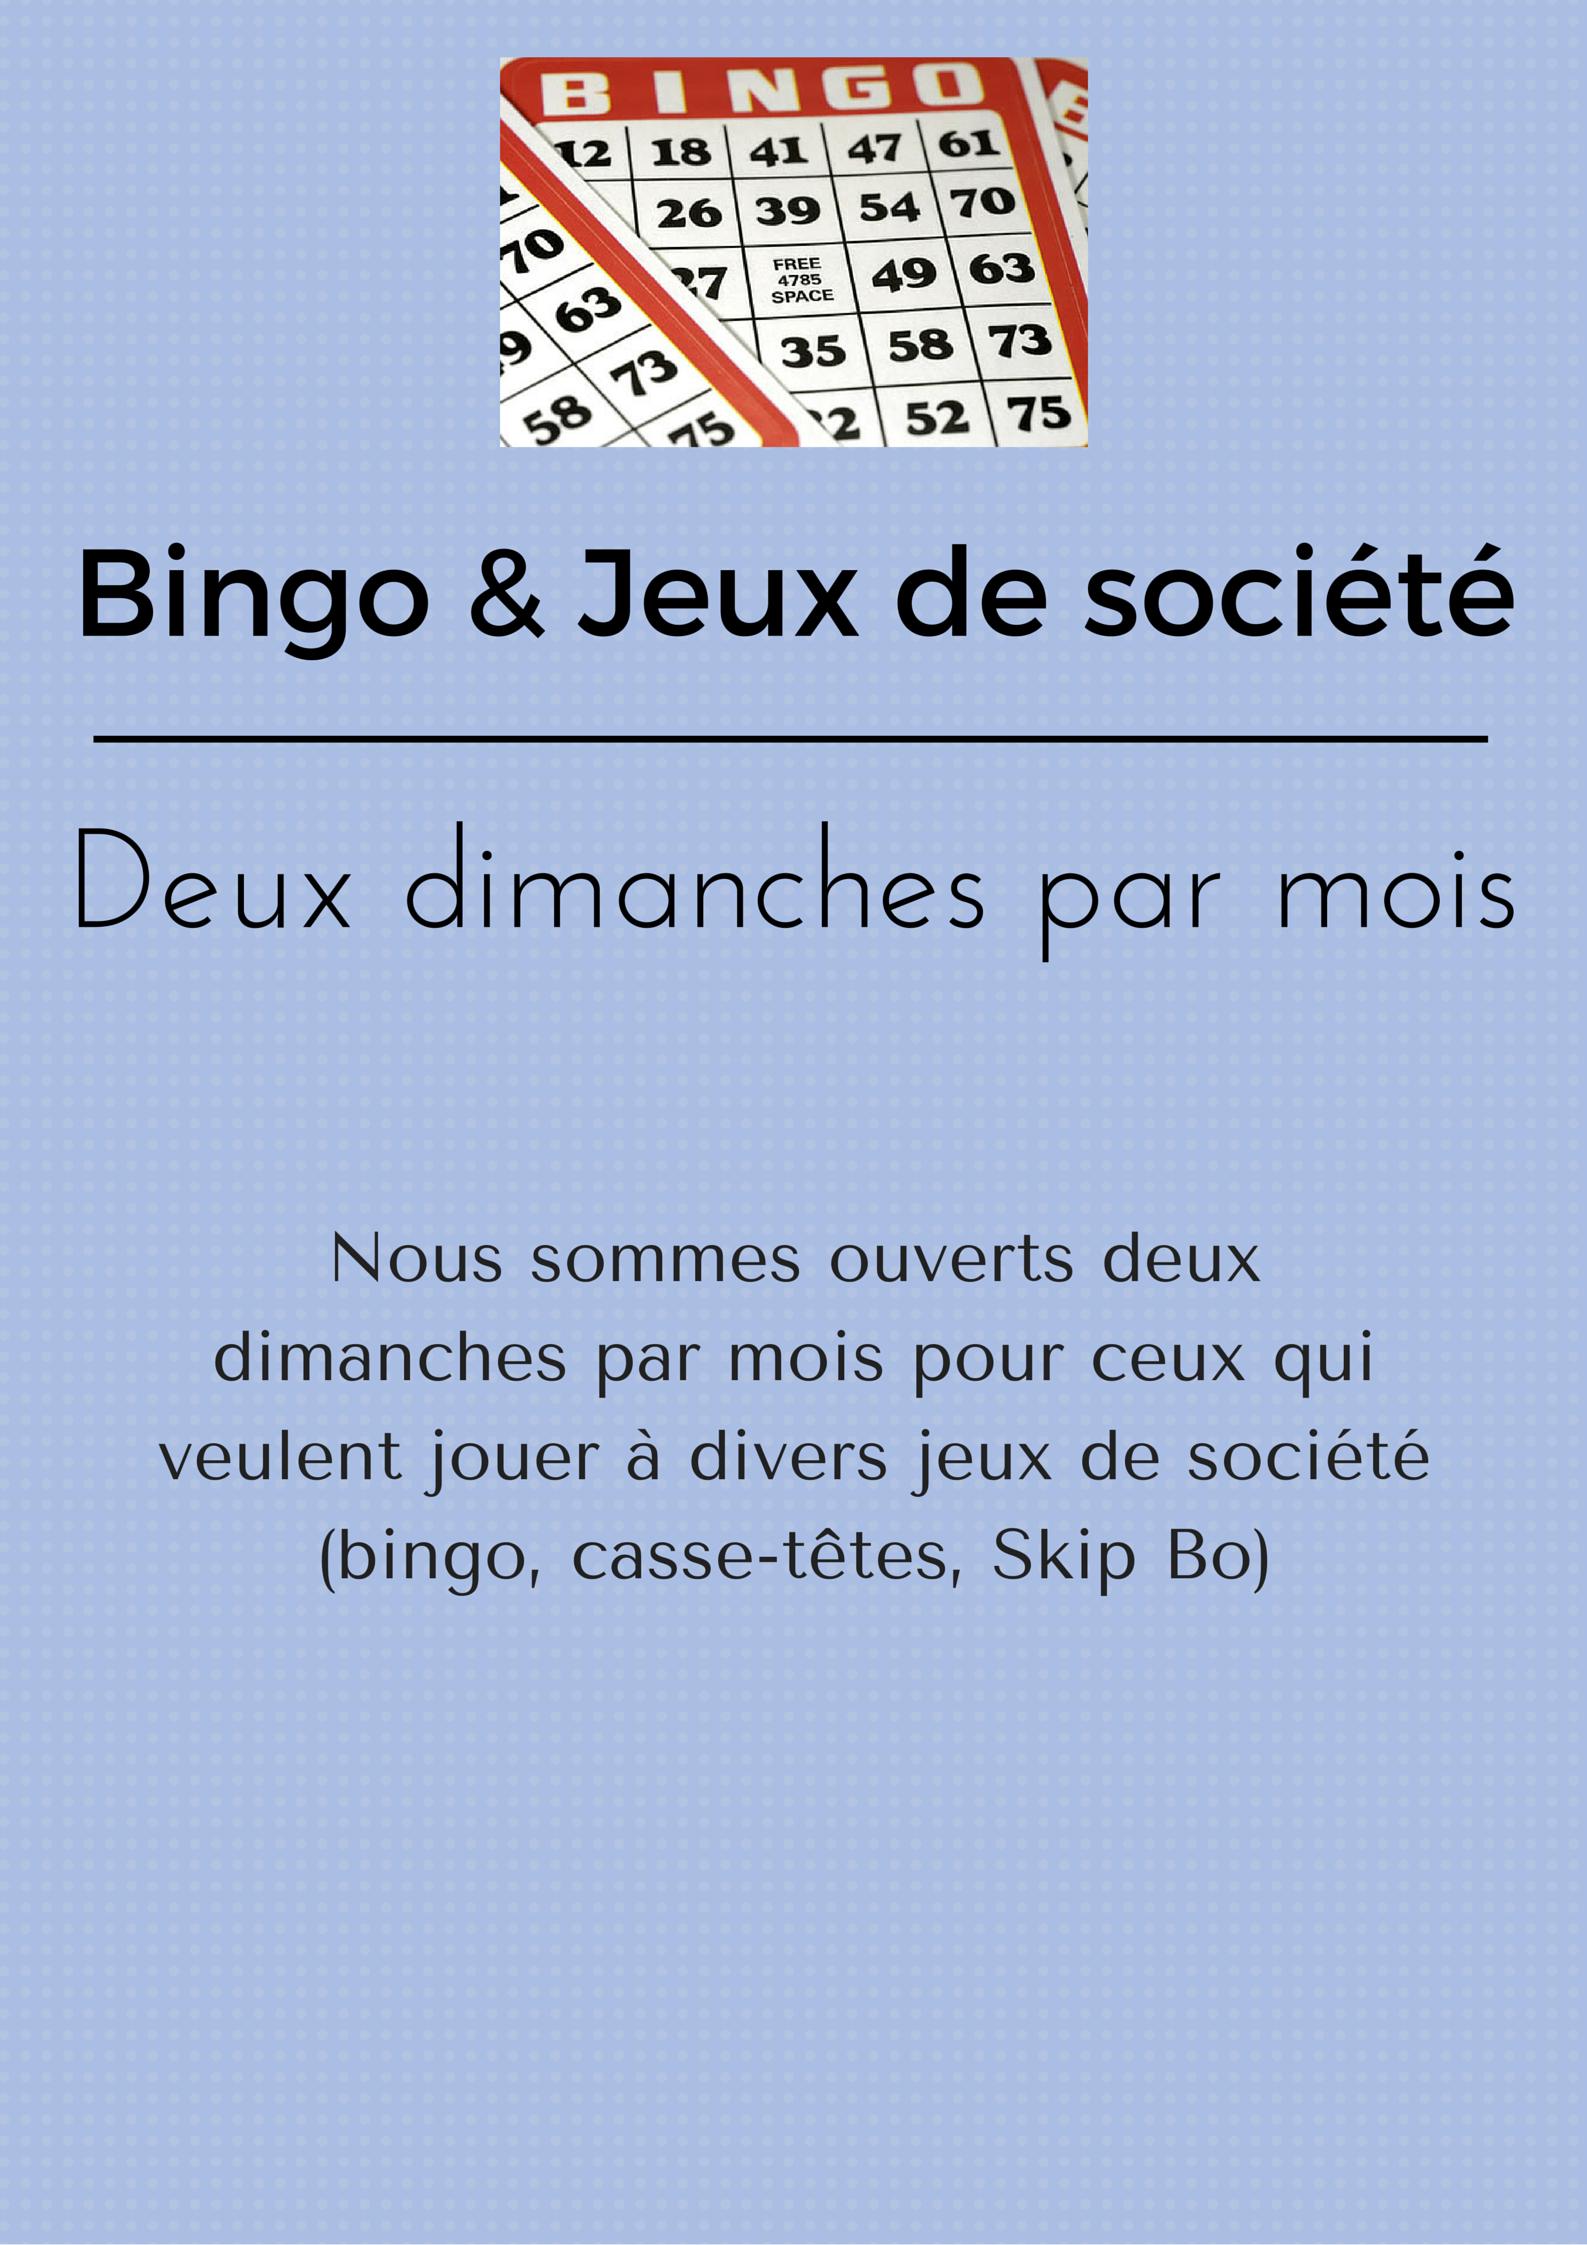 Bingo & Jeux de société (1)